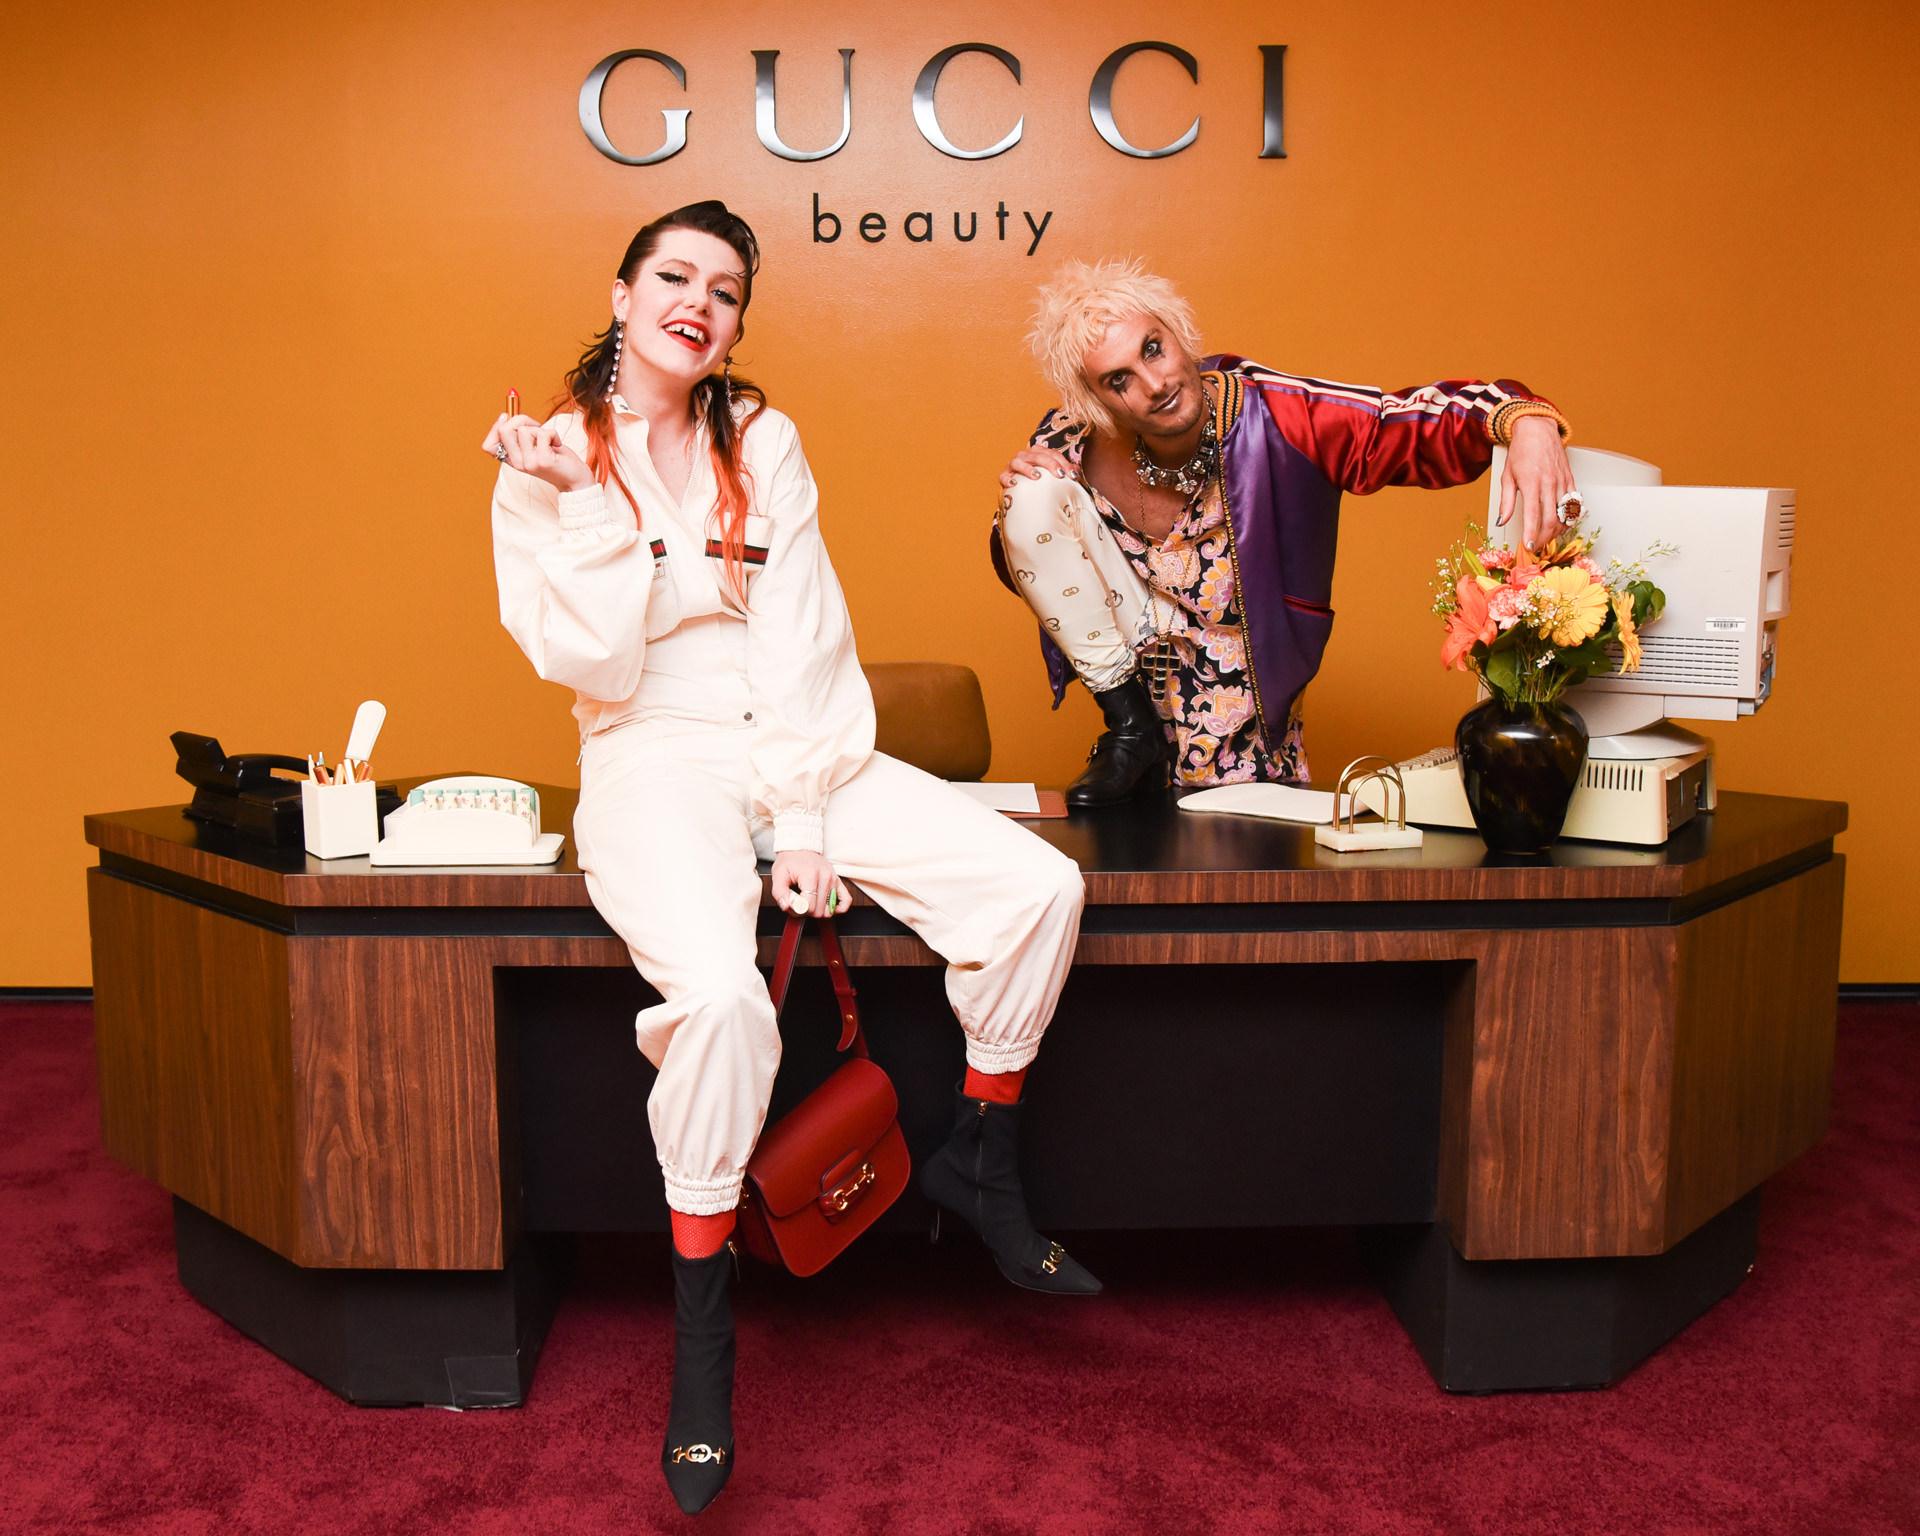 Dani Miller and Jeffertitti Moon at Gucci Beauty